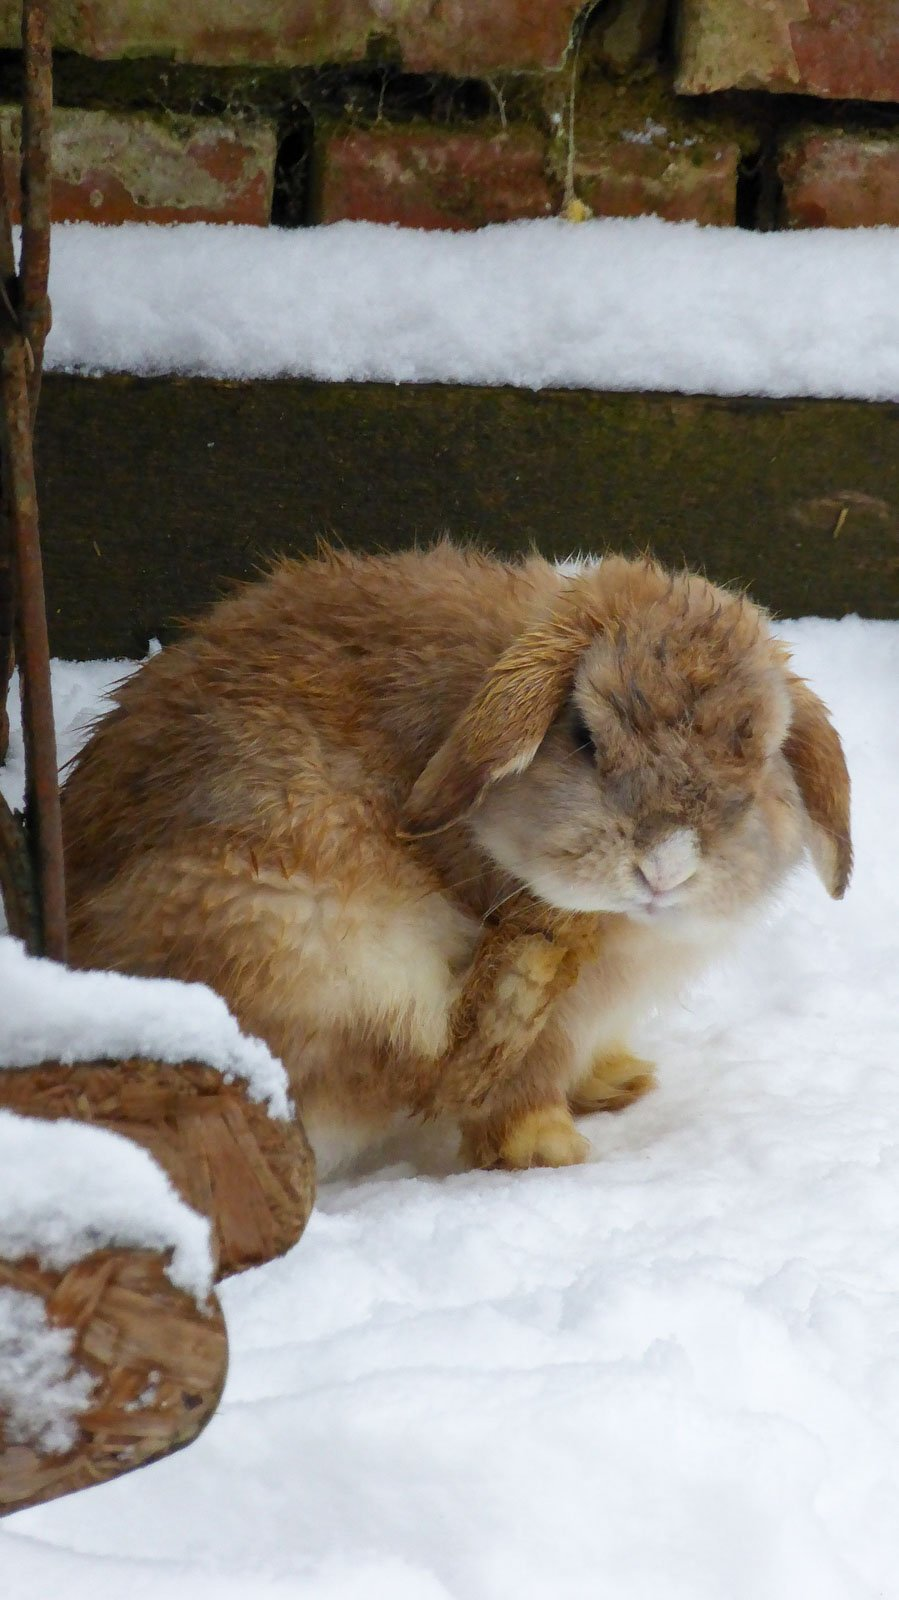 Lapin nain dehors en hiver